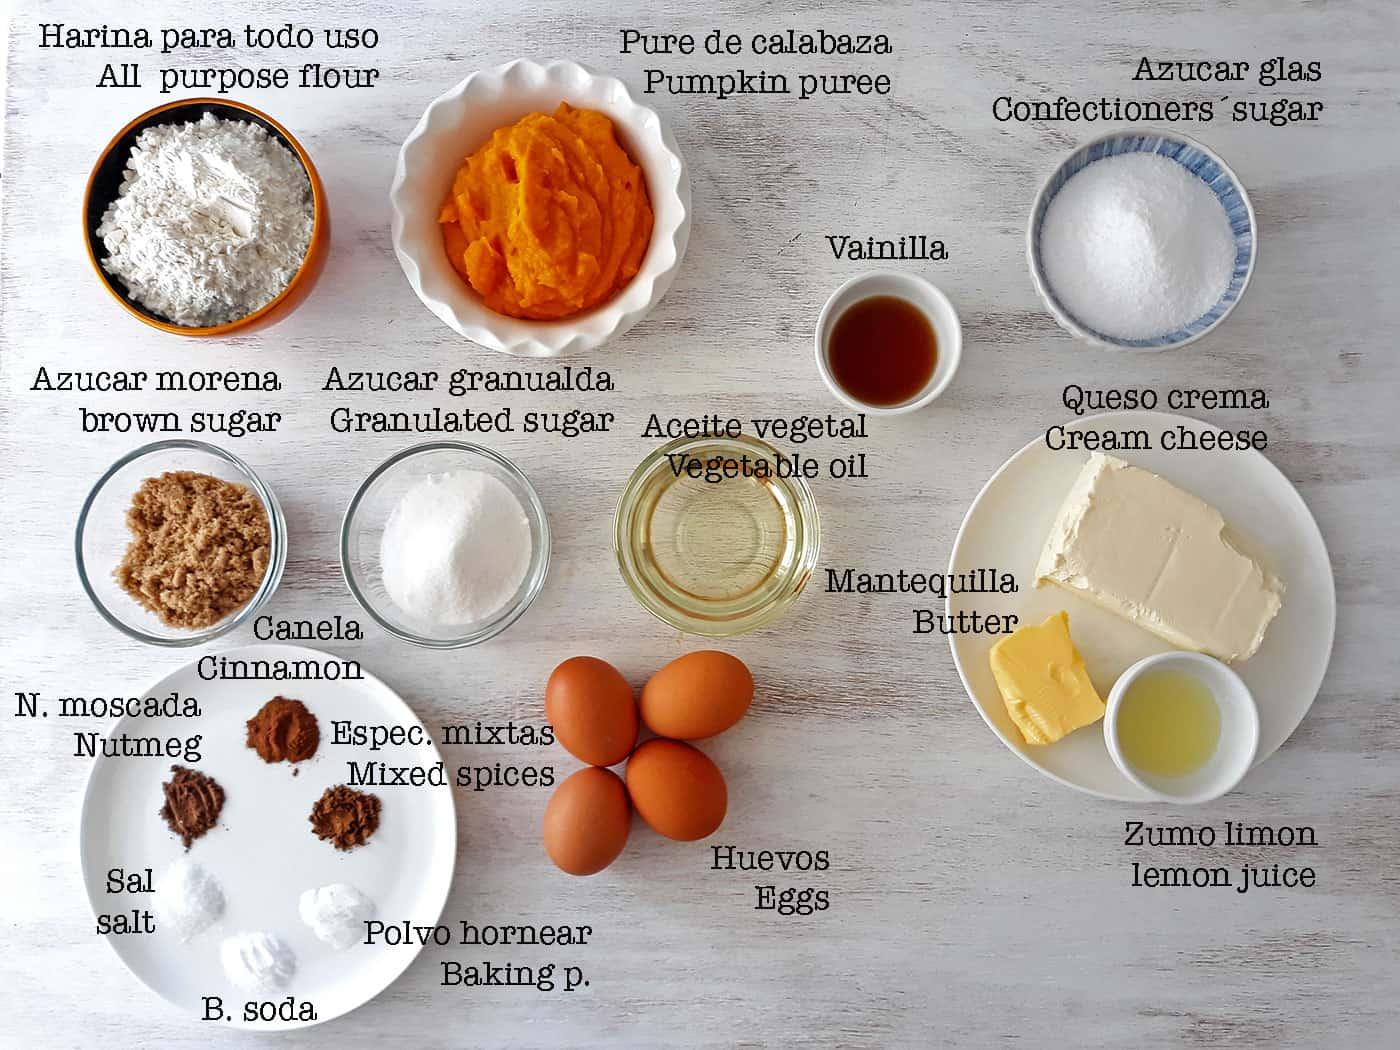 ingredientes para torta de calabaza y glaseado de queso crema